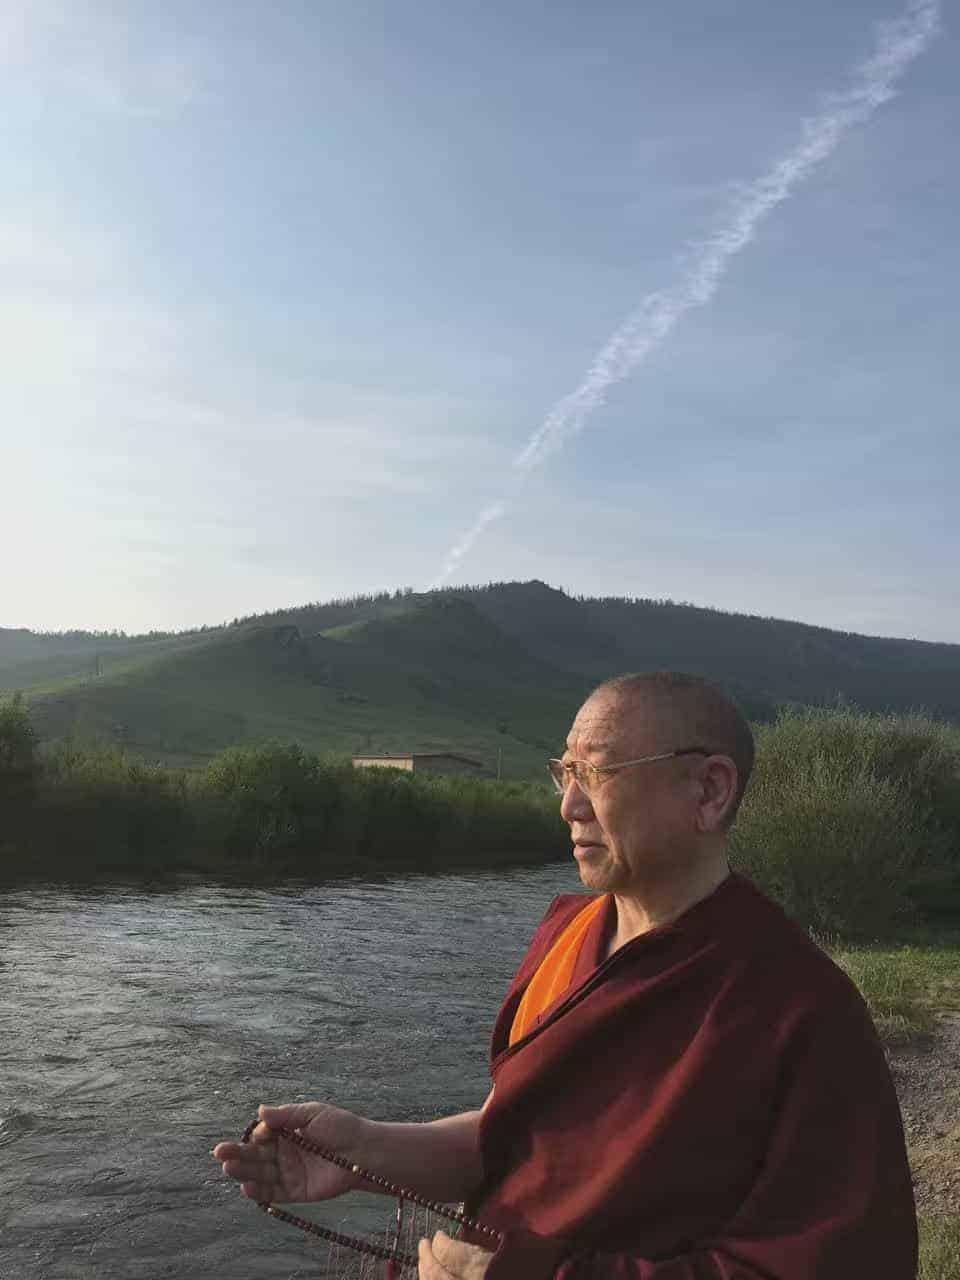 gosok-rinpoche-mongolia-2016-7404701060bf6897192cb3d970bca7b